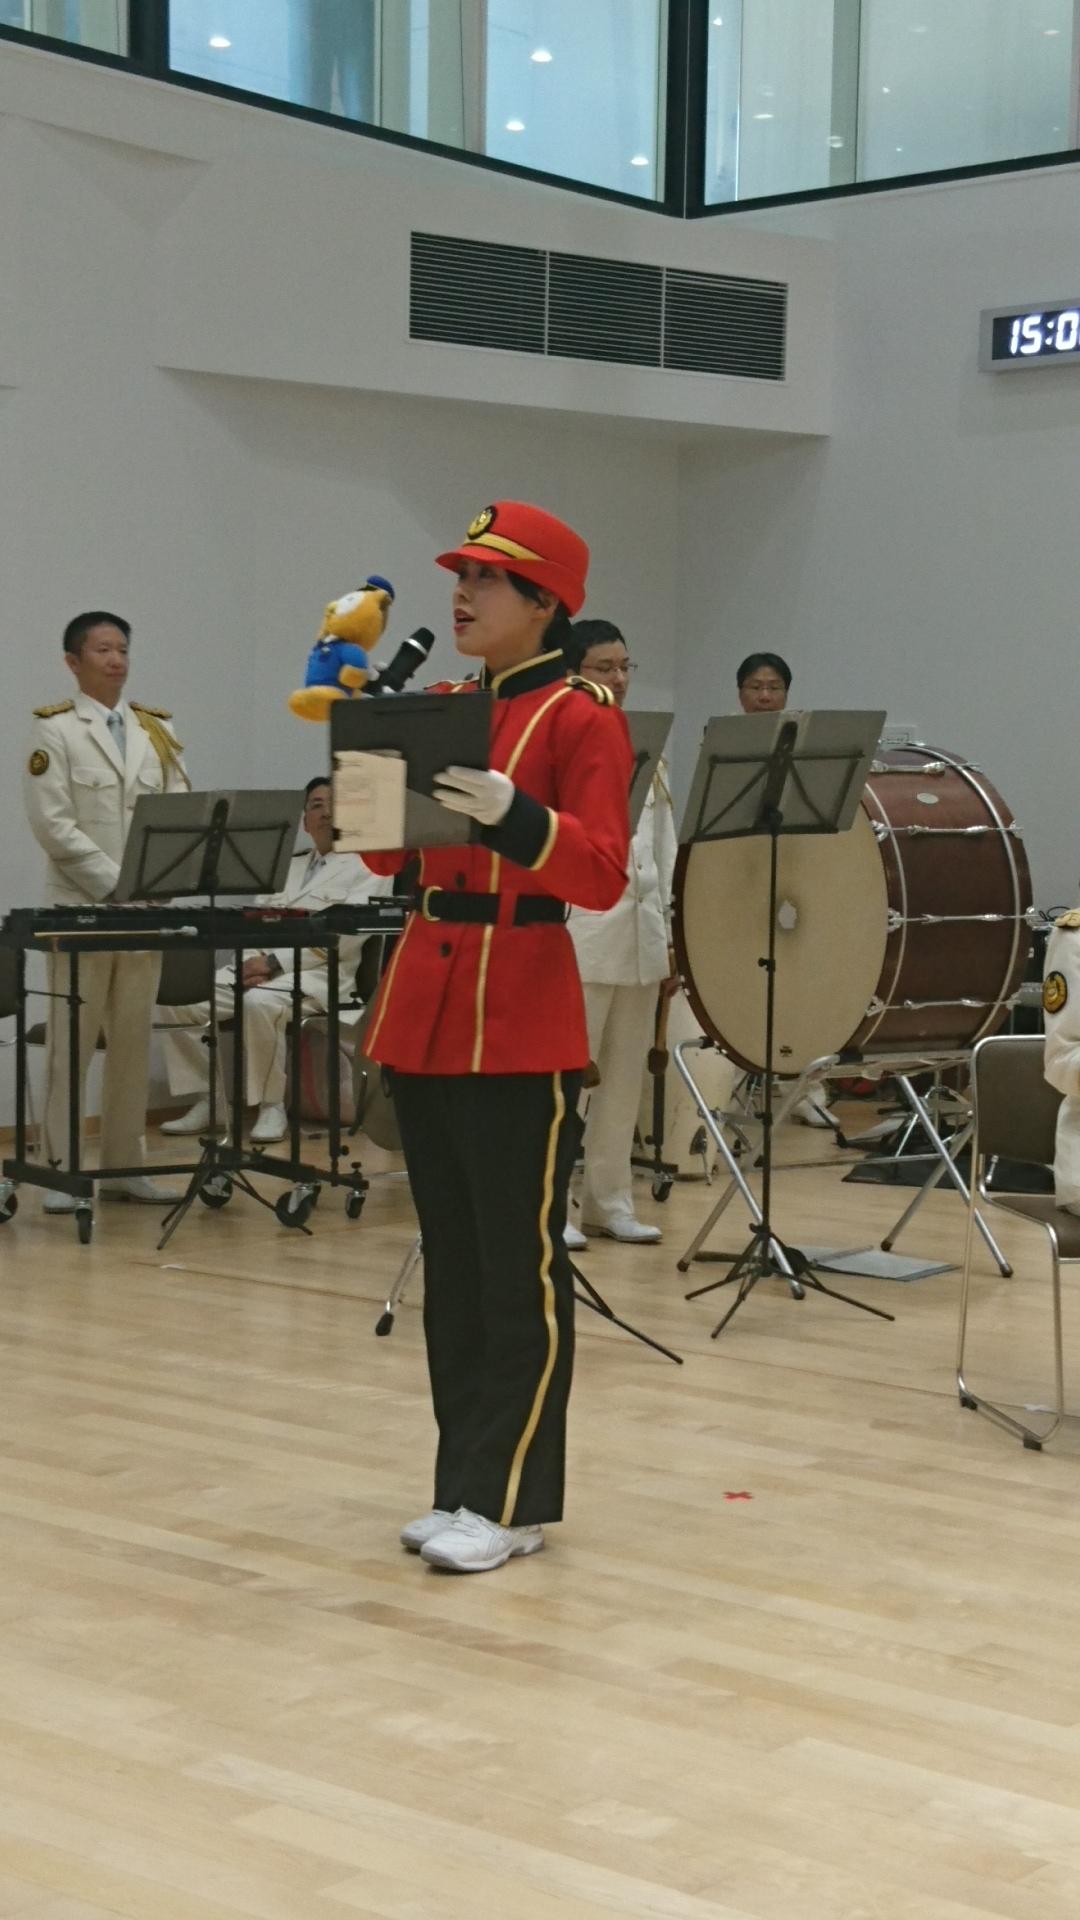 2018.1.7 あんぜんあんしんフェス (12) 愛知県警察音楽隊 1080-1920